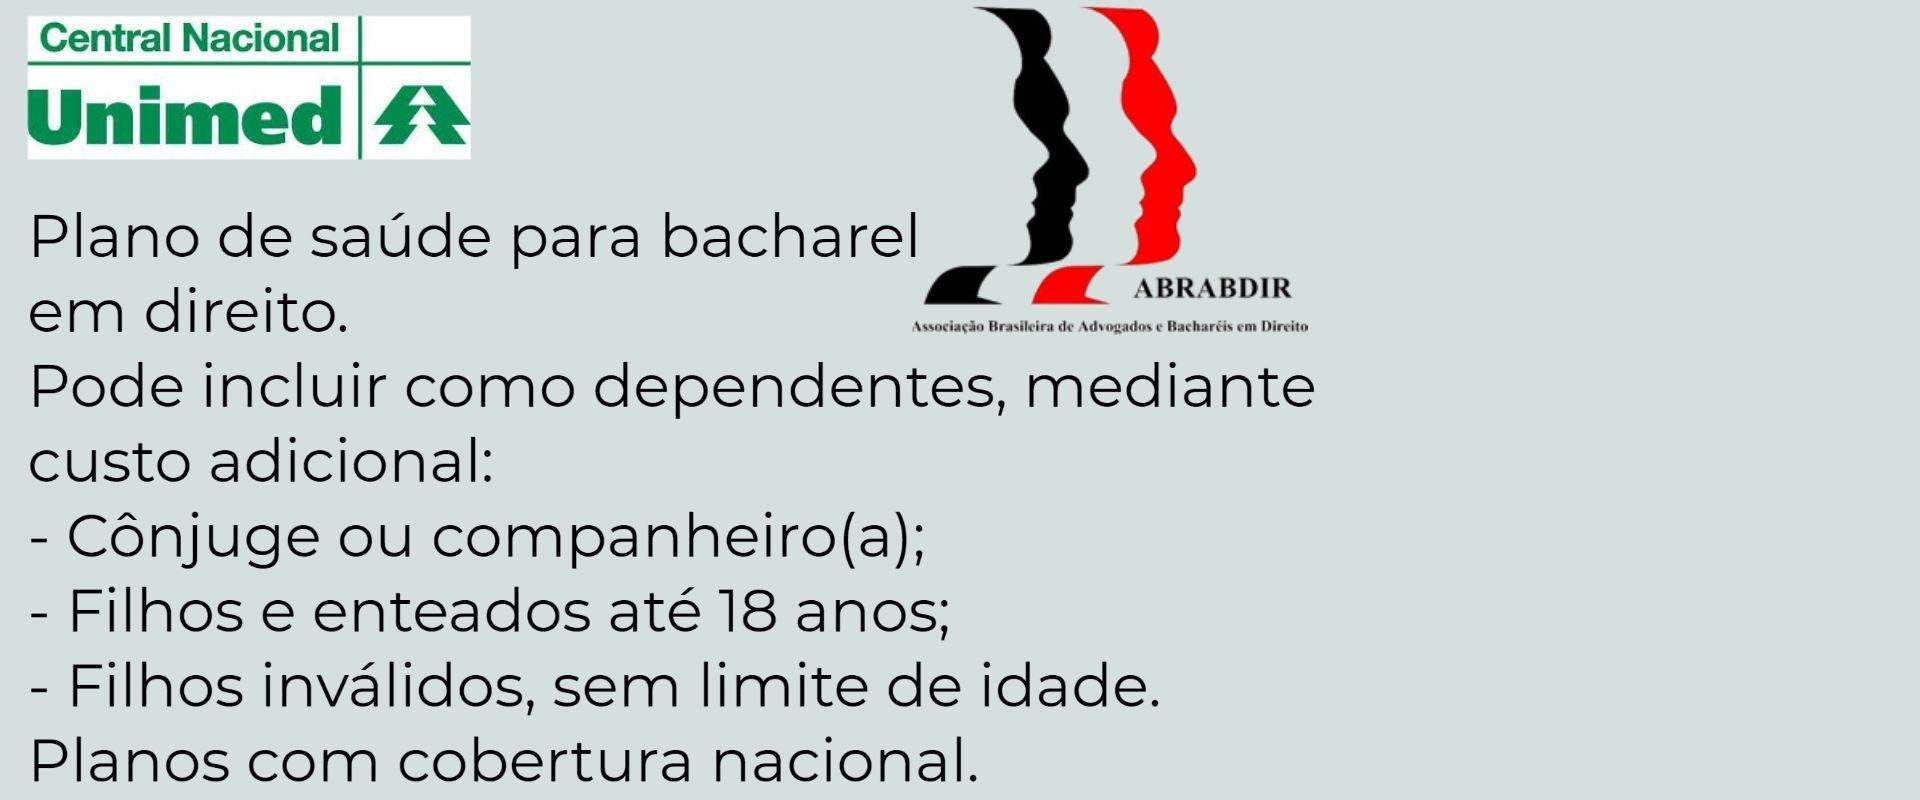 Unimed ABRABDIR Mogi-Guaçu